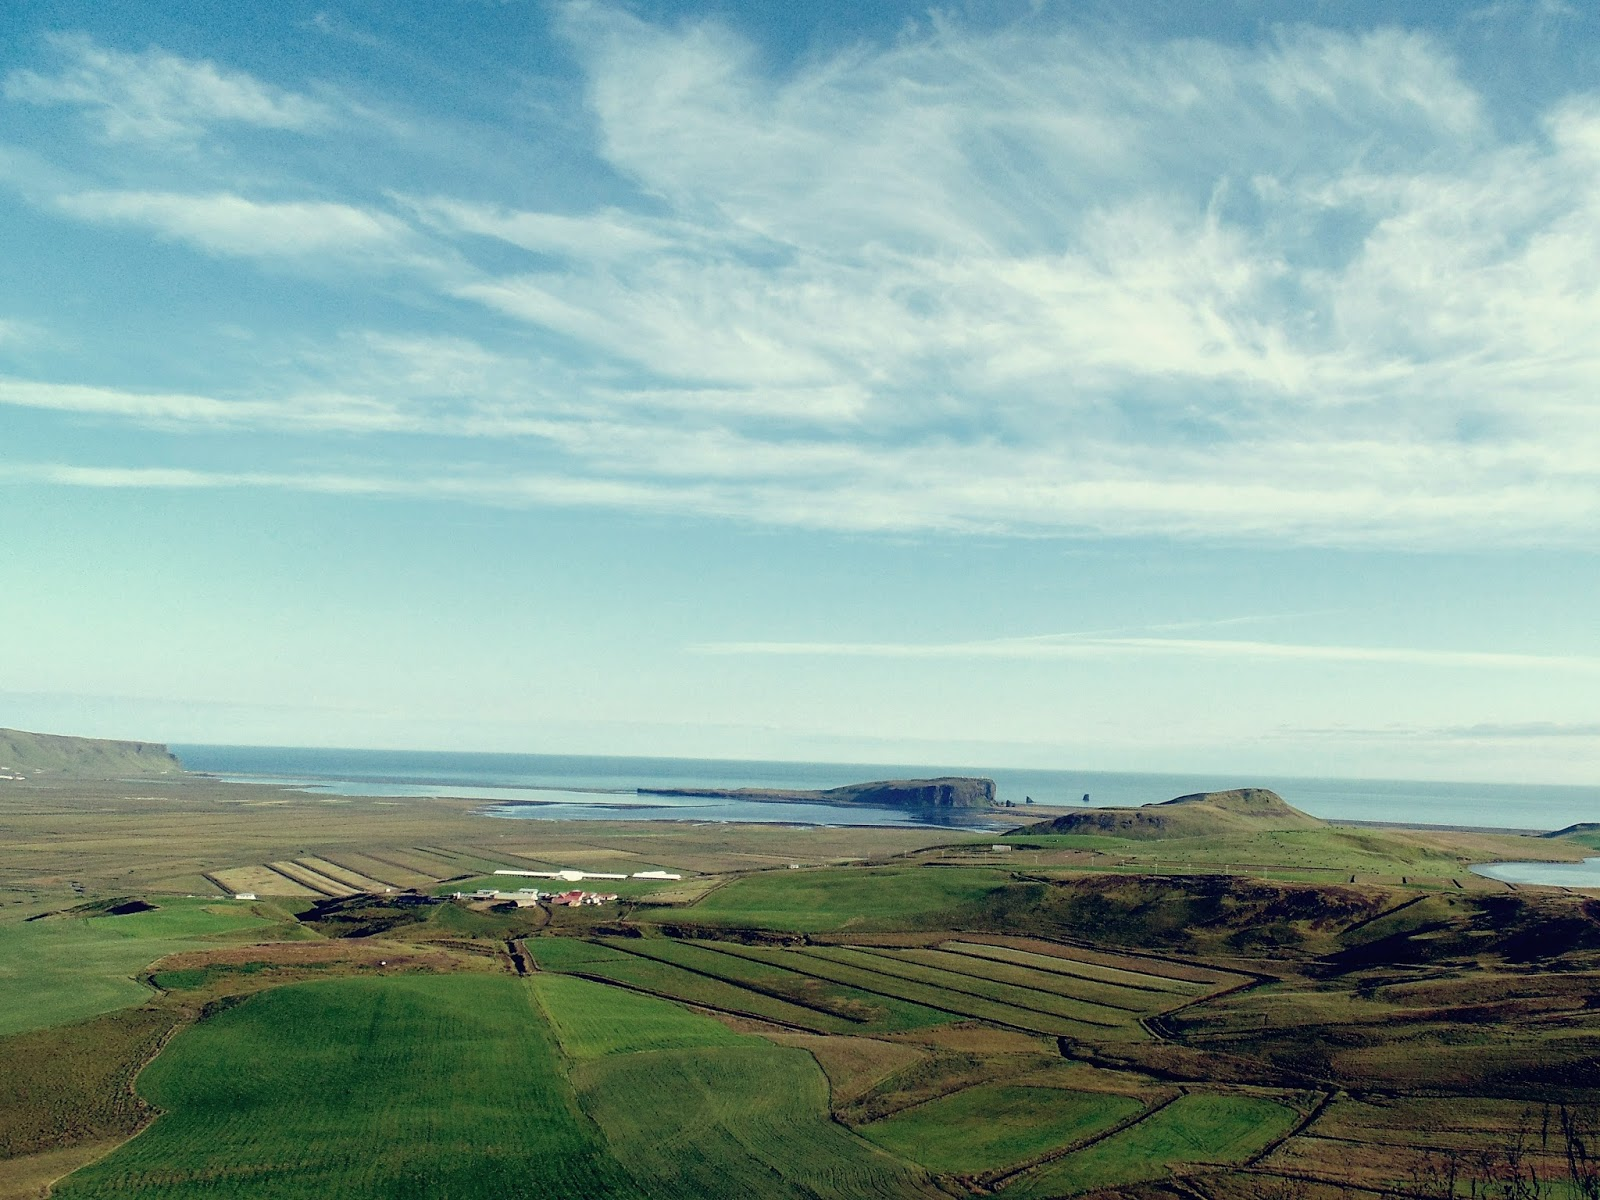 Islandia, odludzie, krajobraz, zieleń, pola, łąki, ocean, niebo, panidorcia, Pani Dorcia, praca w Islandii